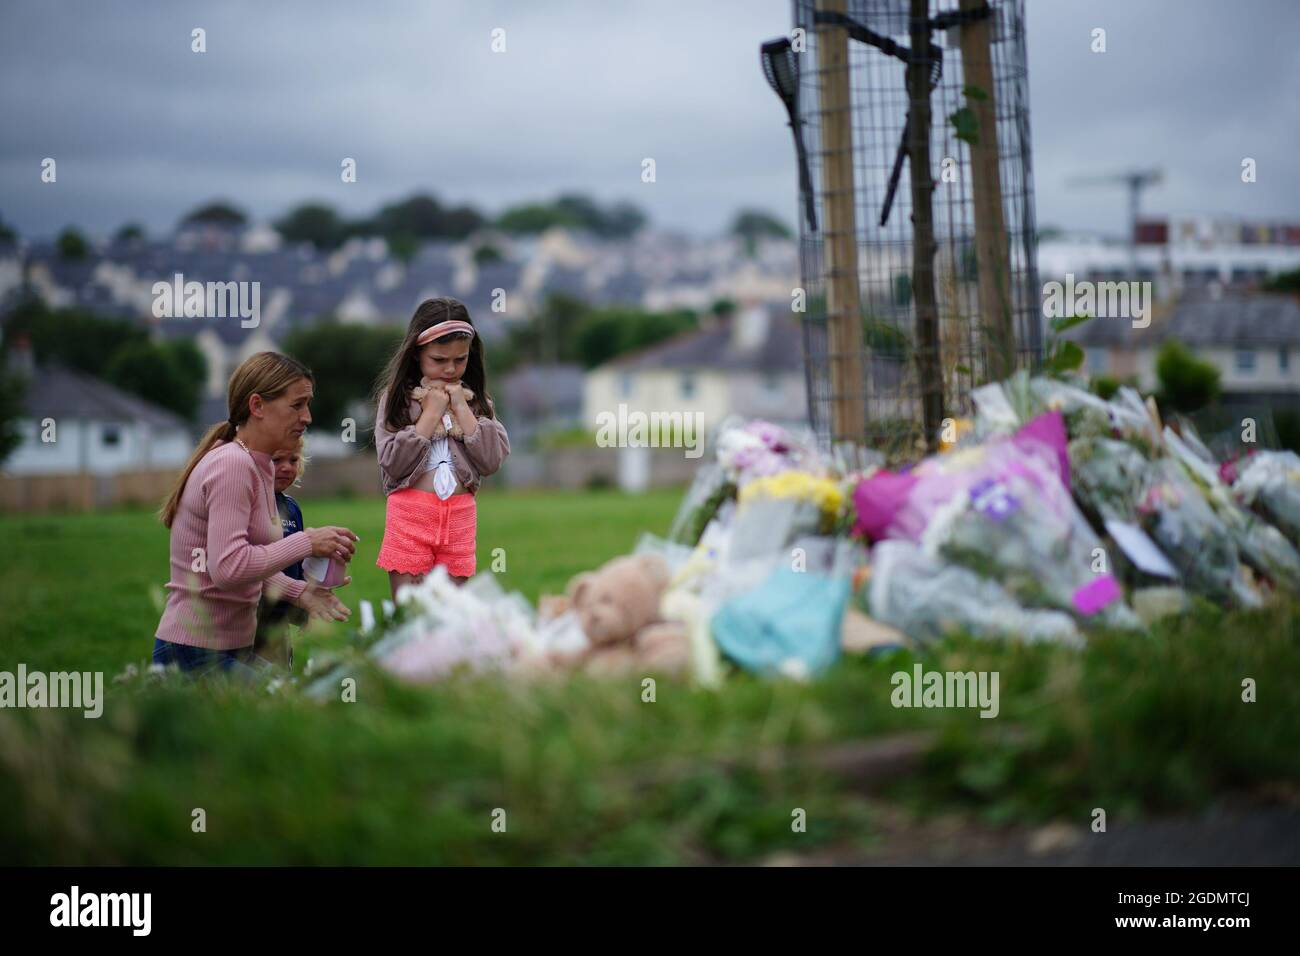 Eine Frau und zwei junge Mädchen betrachten Blumengebete in Plymouth, bei denen sechs Personen, darunter der Täter, bei einem Schusswaffenereignis am Donnerstagabend an Schussverletzungen starben. Bilddatum: Samstag, 14. August 2021. Stockfoto